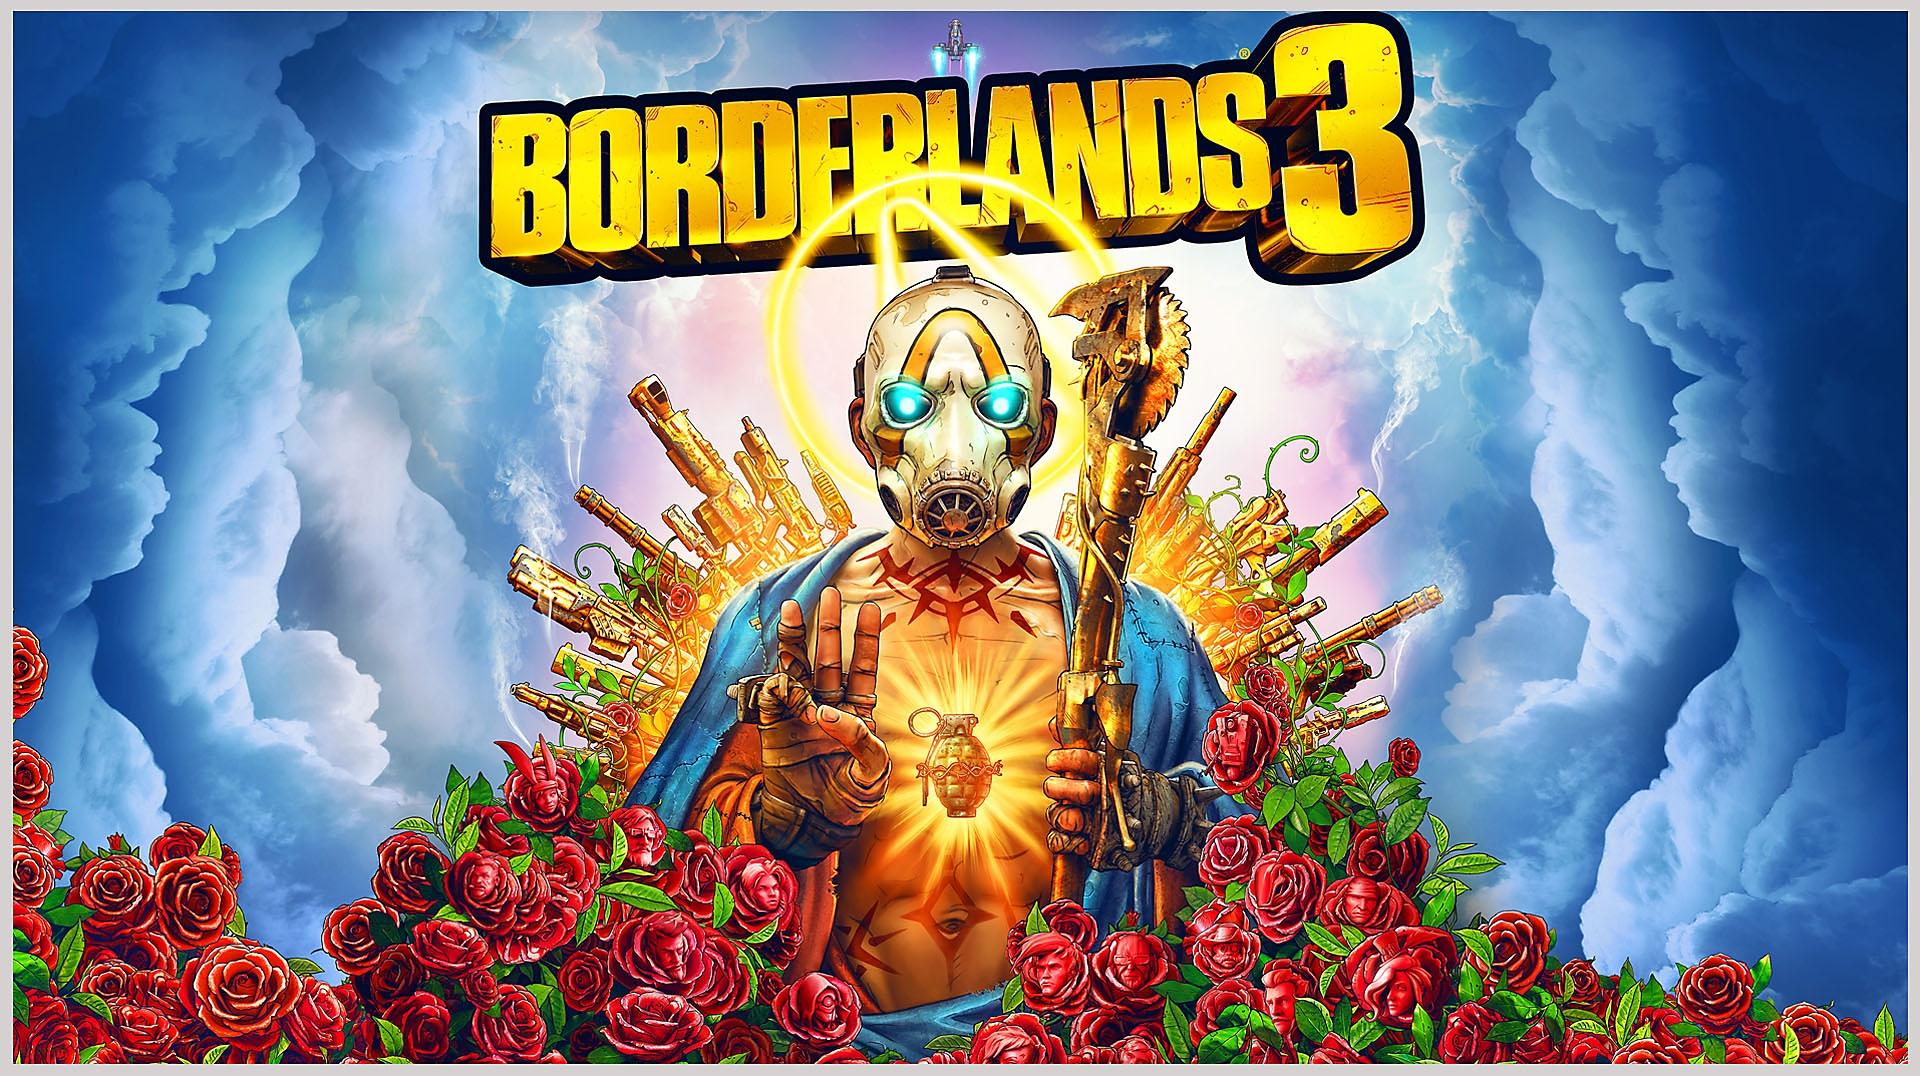 Borderlands 3 - العرض التشويقي لإطلاق اللعبة